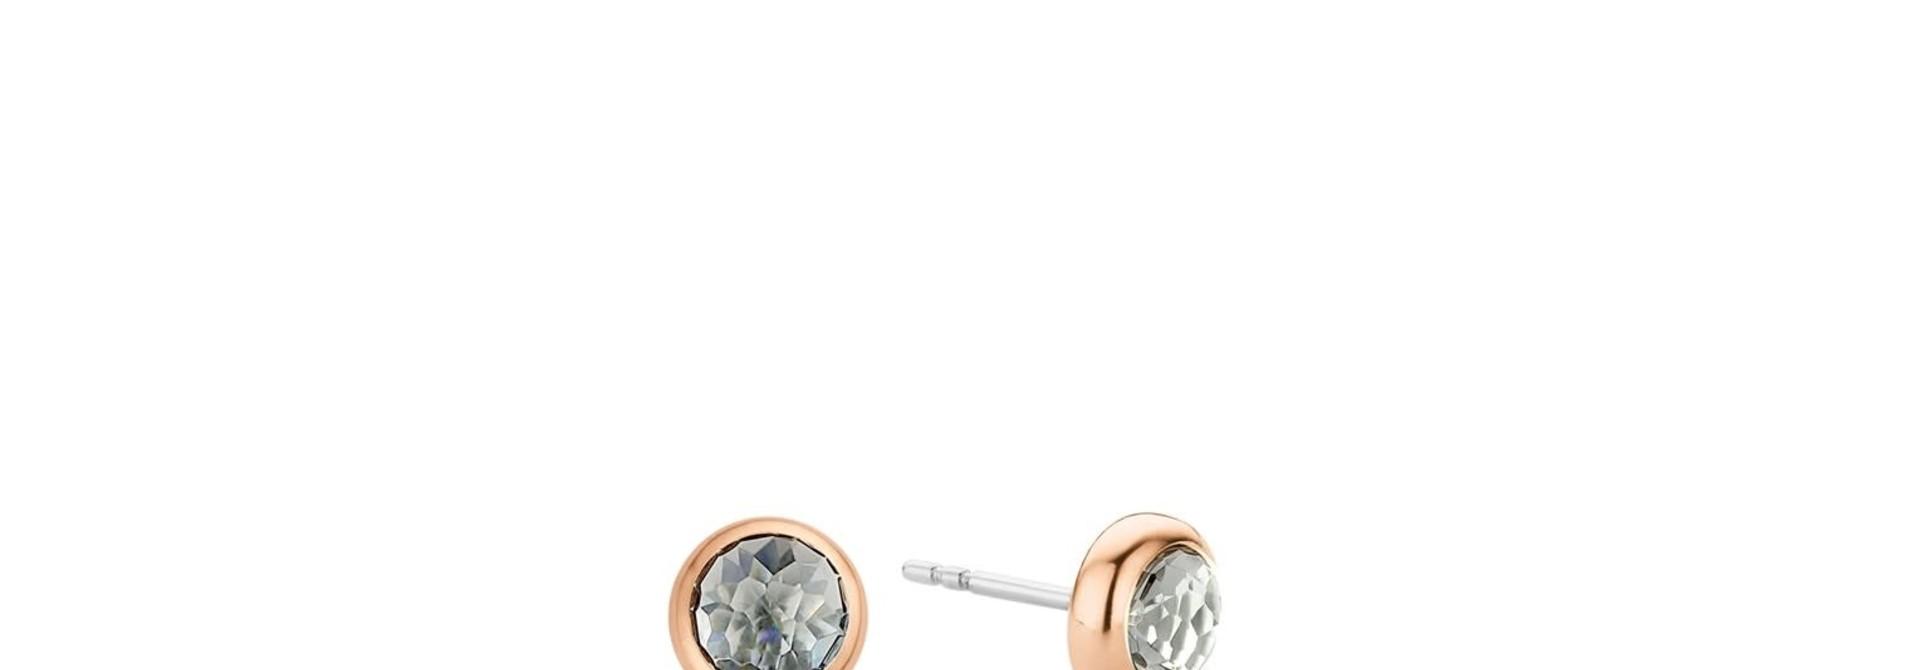 TI SENTO - Milano Earrings 7748GB